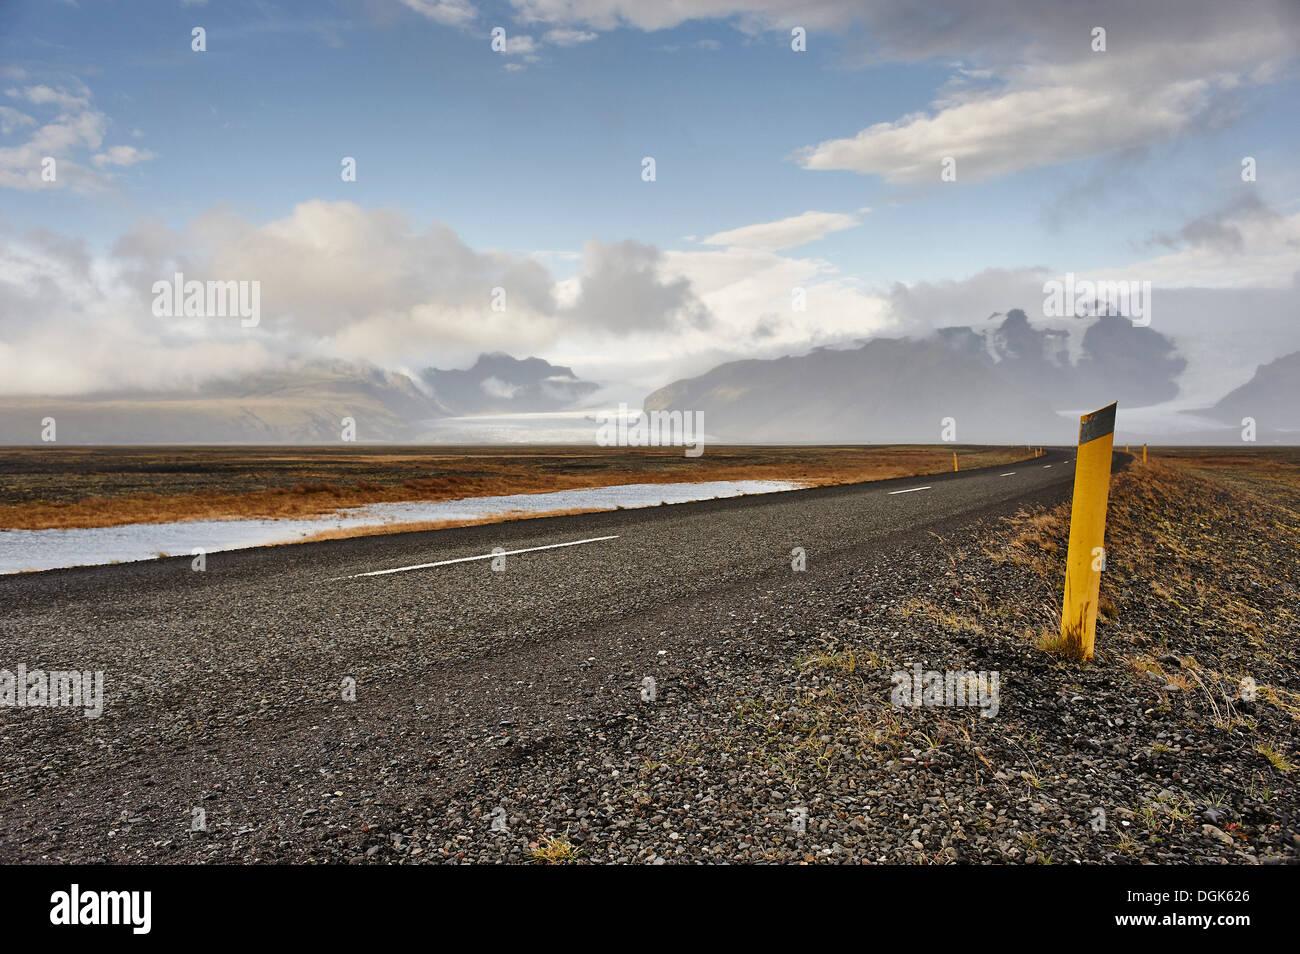 Straße mit Skaftafell-Gletscher im Hintergrund, Island Stockbild